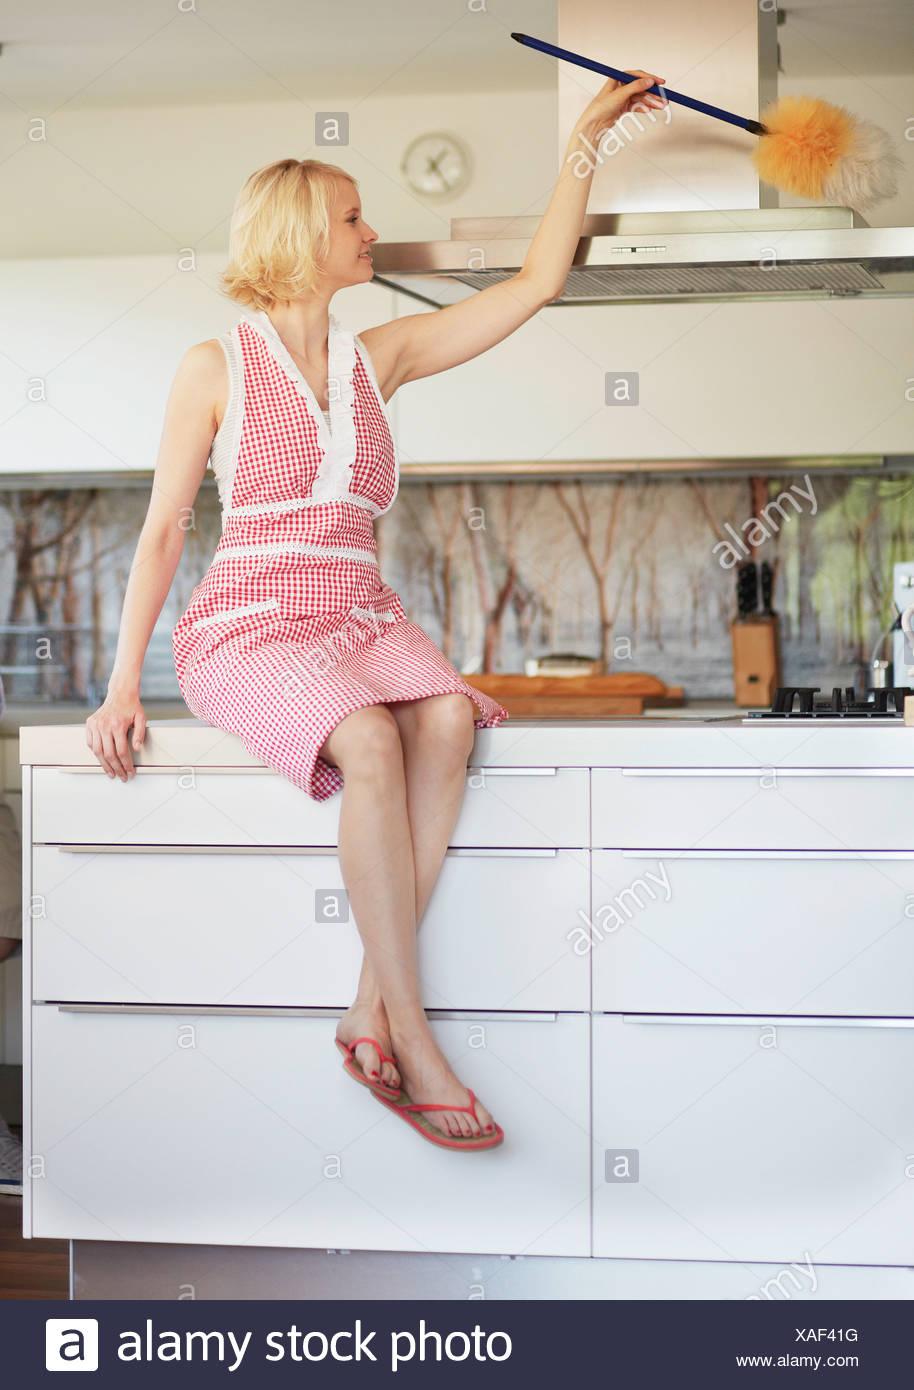 Woman dusting fan in kitchen - Stock Image